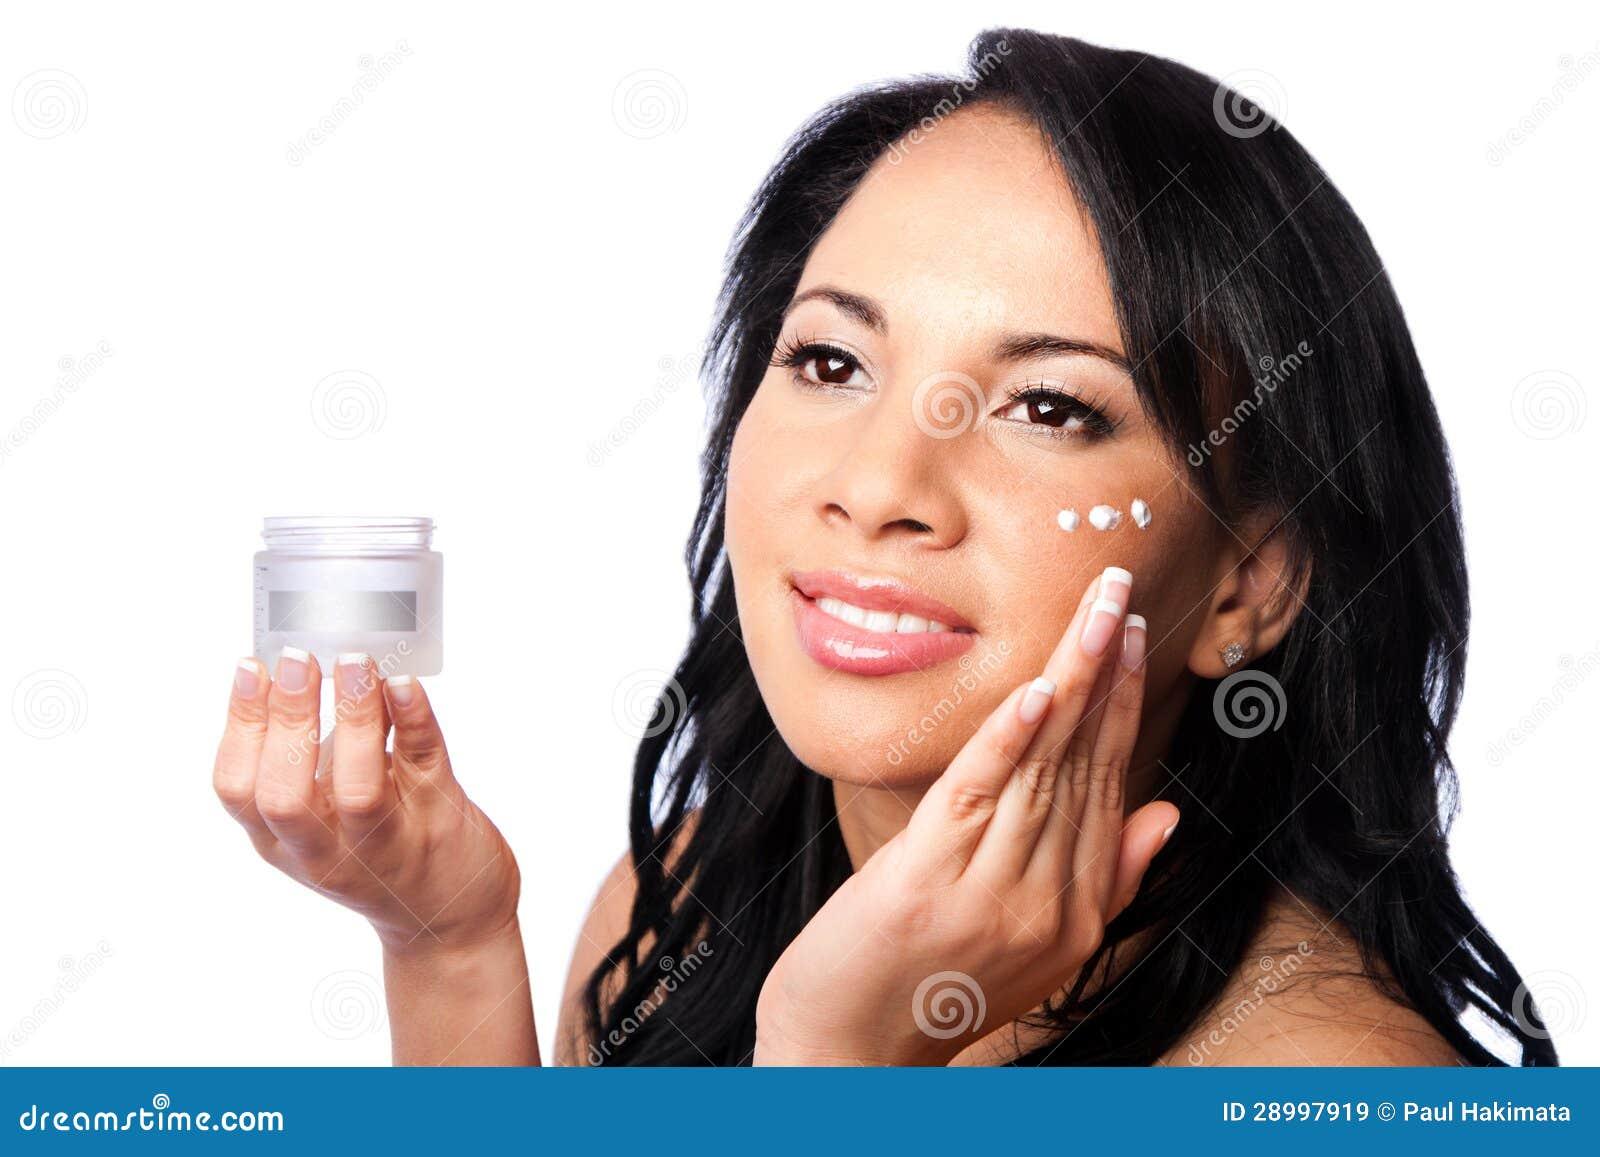 Gezichts schoonheid - skincare